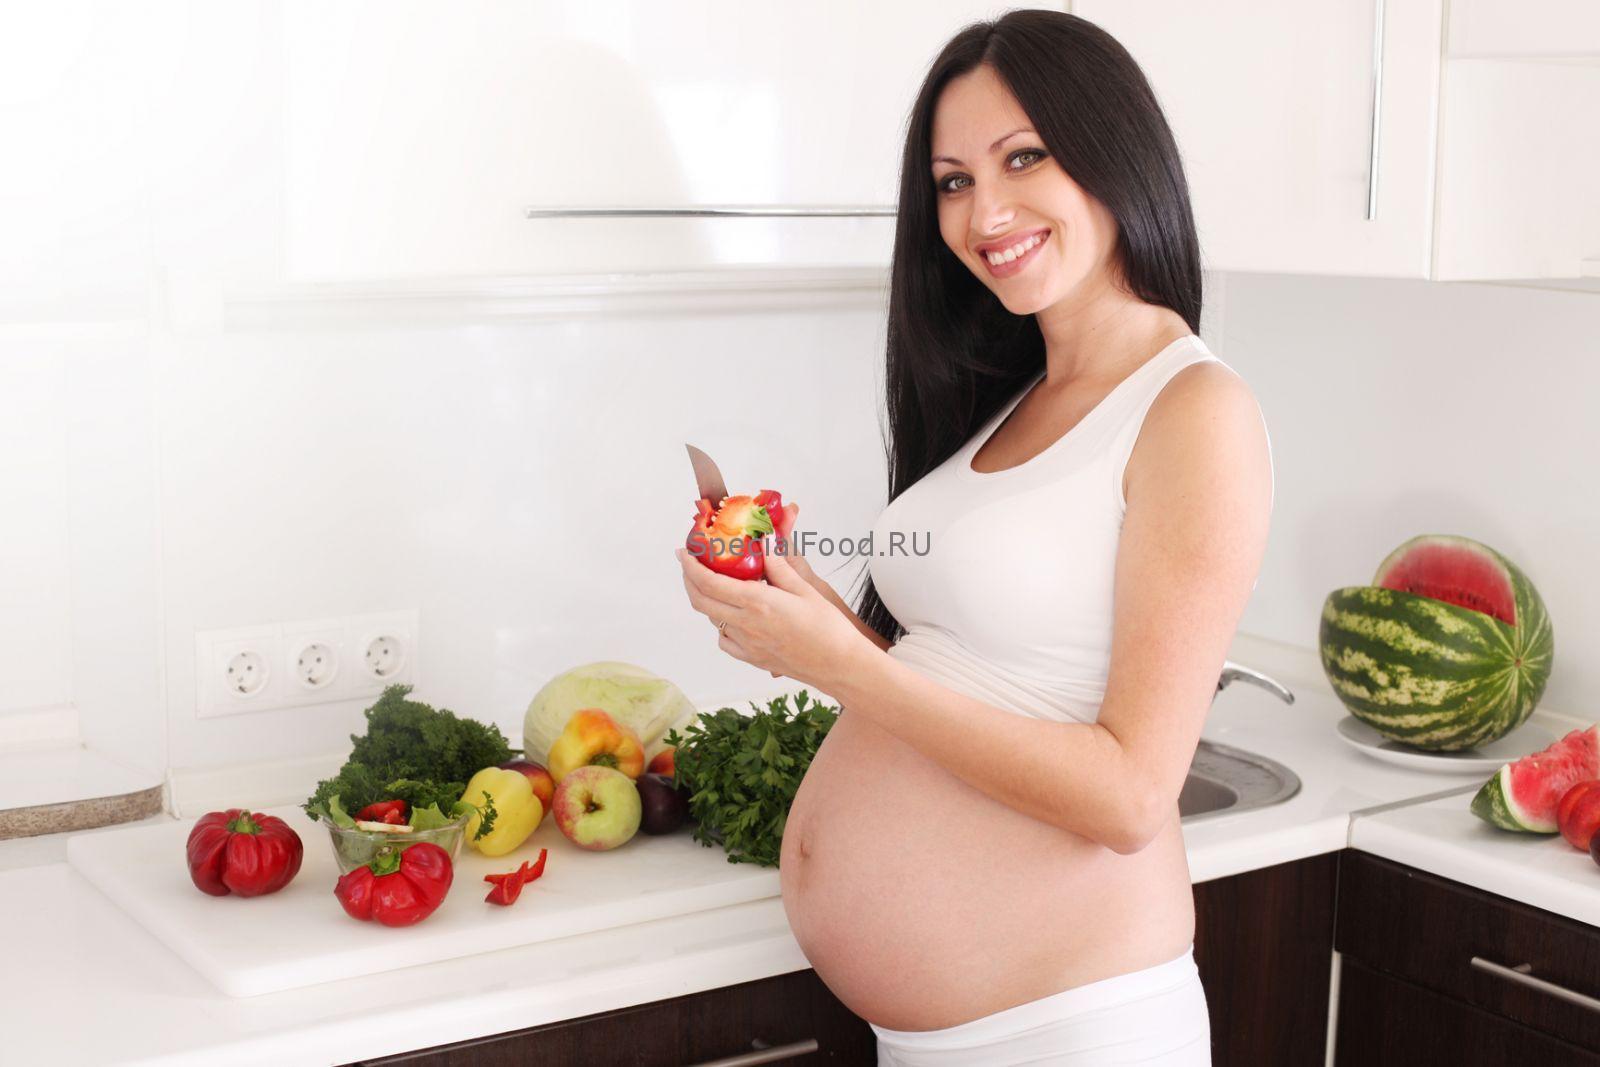 Пост во время беременности